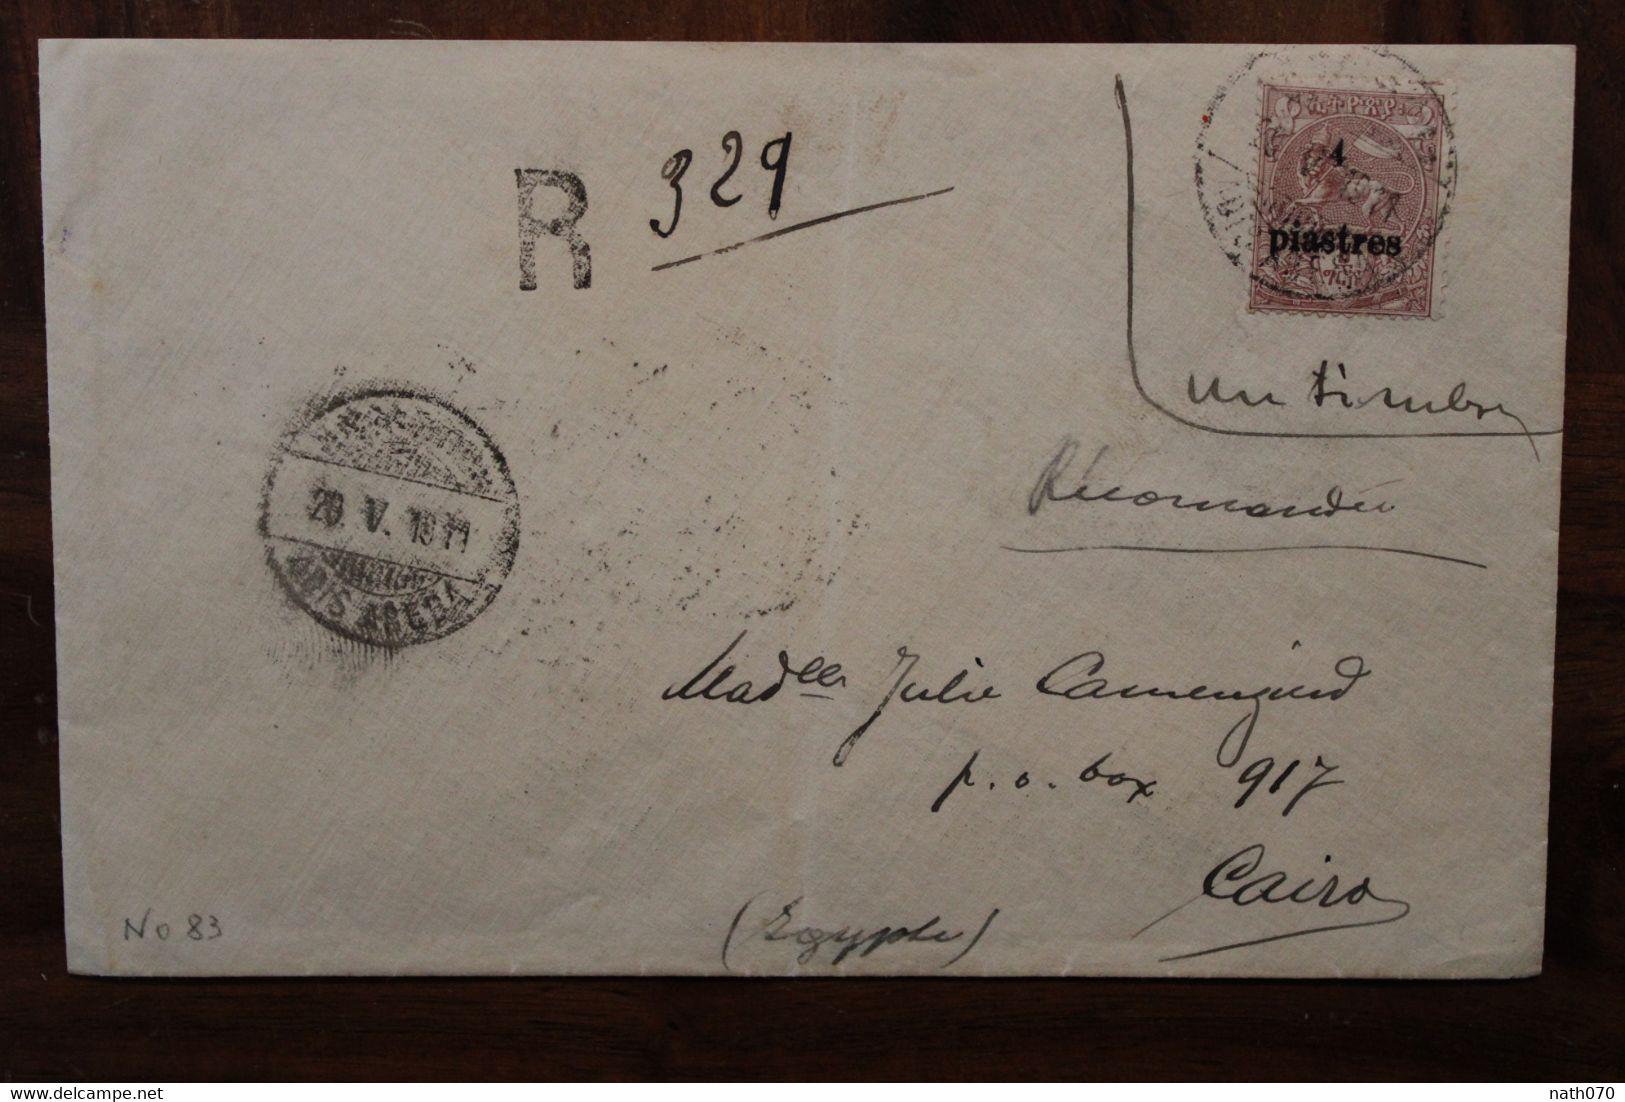 Ethiopie 1911 Ethiopia Adis Abeba Cover Colonie Entier Imprimé Äthiopien Etiopia Egypt Recommandé Registered Port Tauriq - Ethiopia